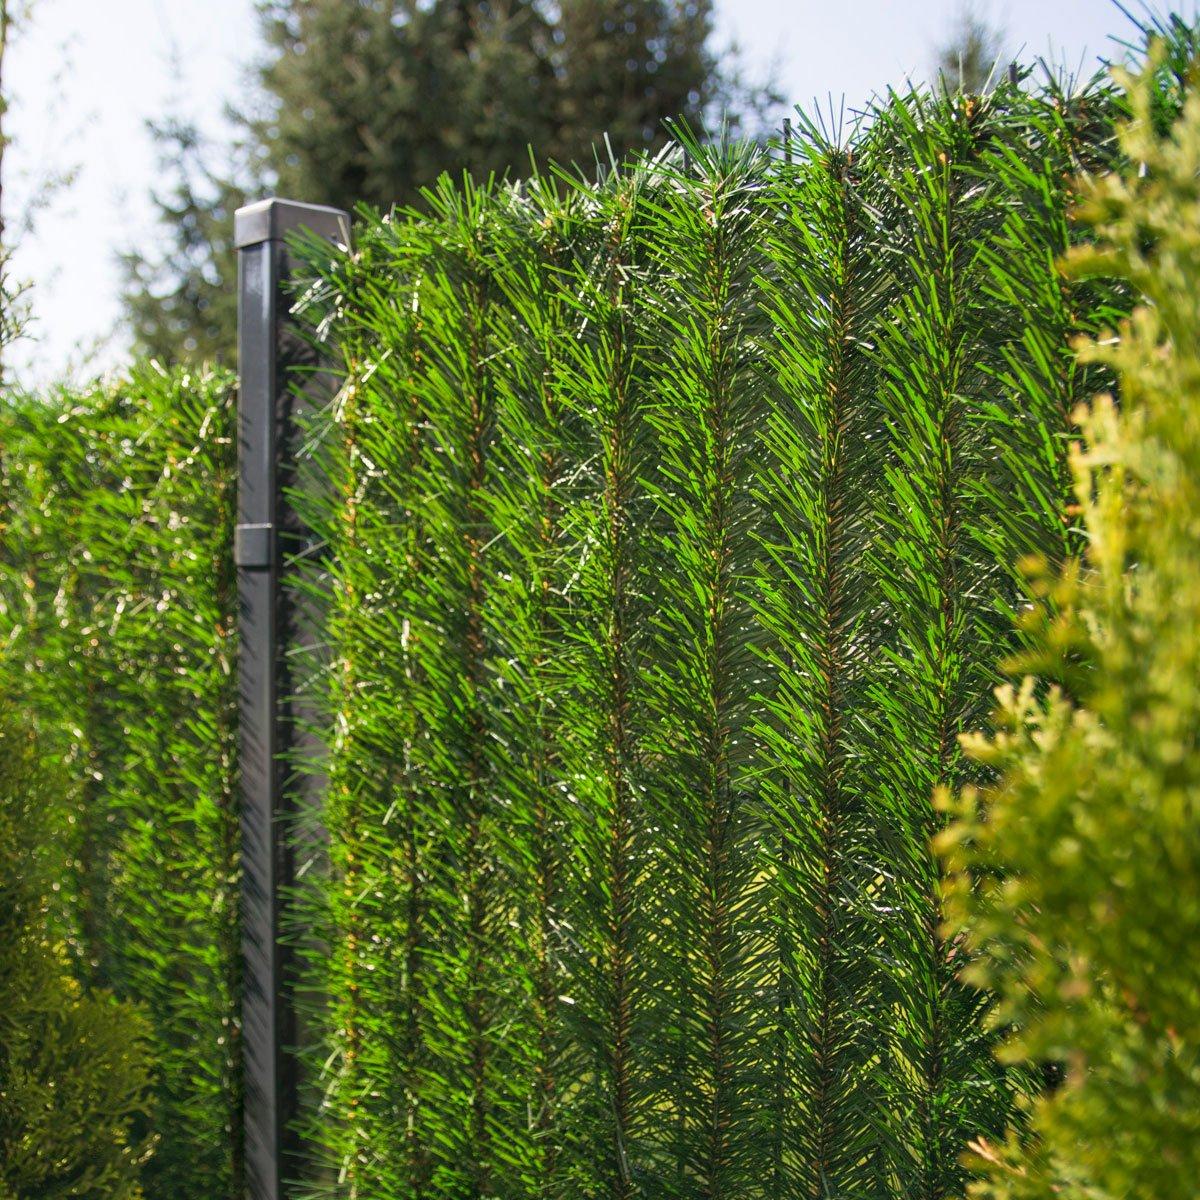 FairyTrees Sichtschutz Garten Zaunblende, GrünFences Hecke, Kiefernoptik Hellgrün, PVC, Höhe 200cm, 10m